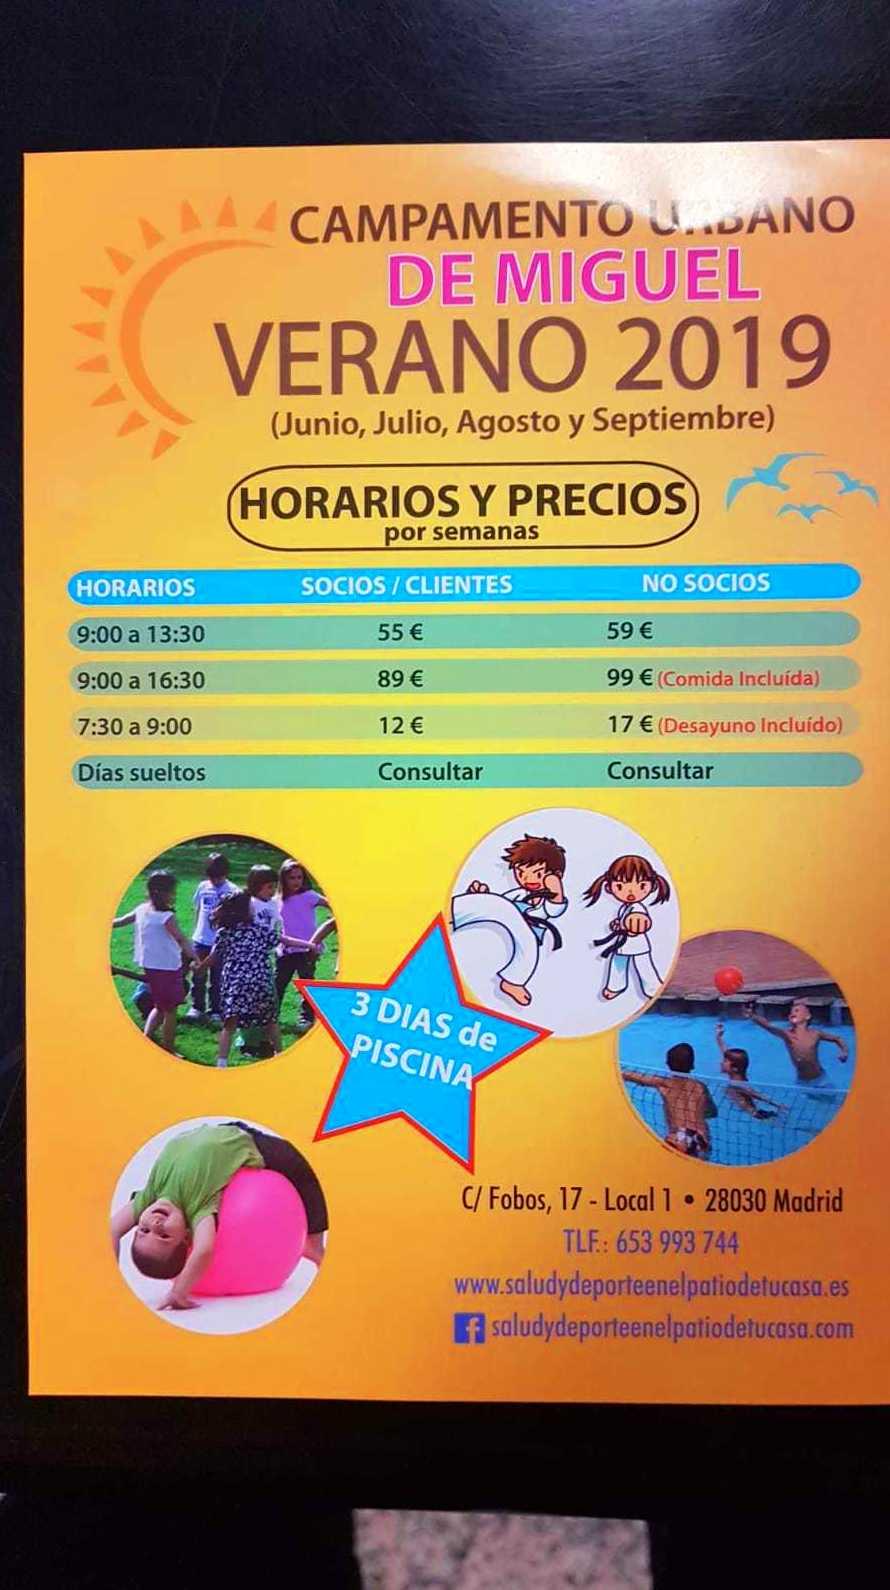 CAMPAMENTO URBANO VERANO: Nuestras actividades de Salud y Deporte en el Patio de tu Casa